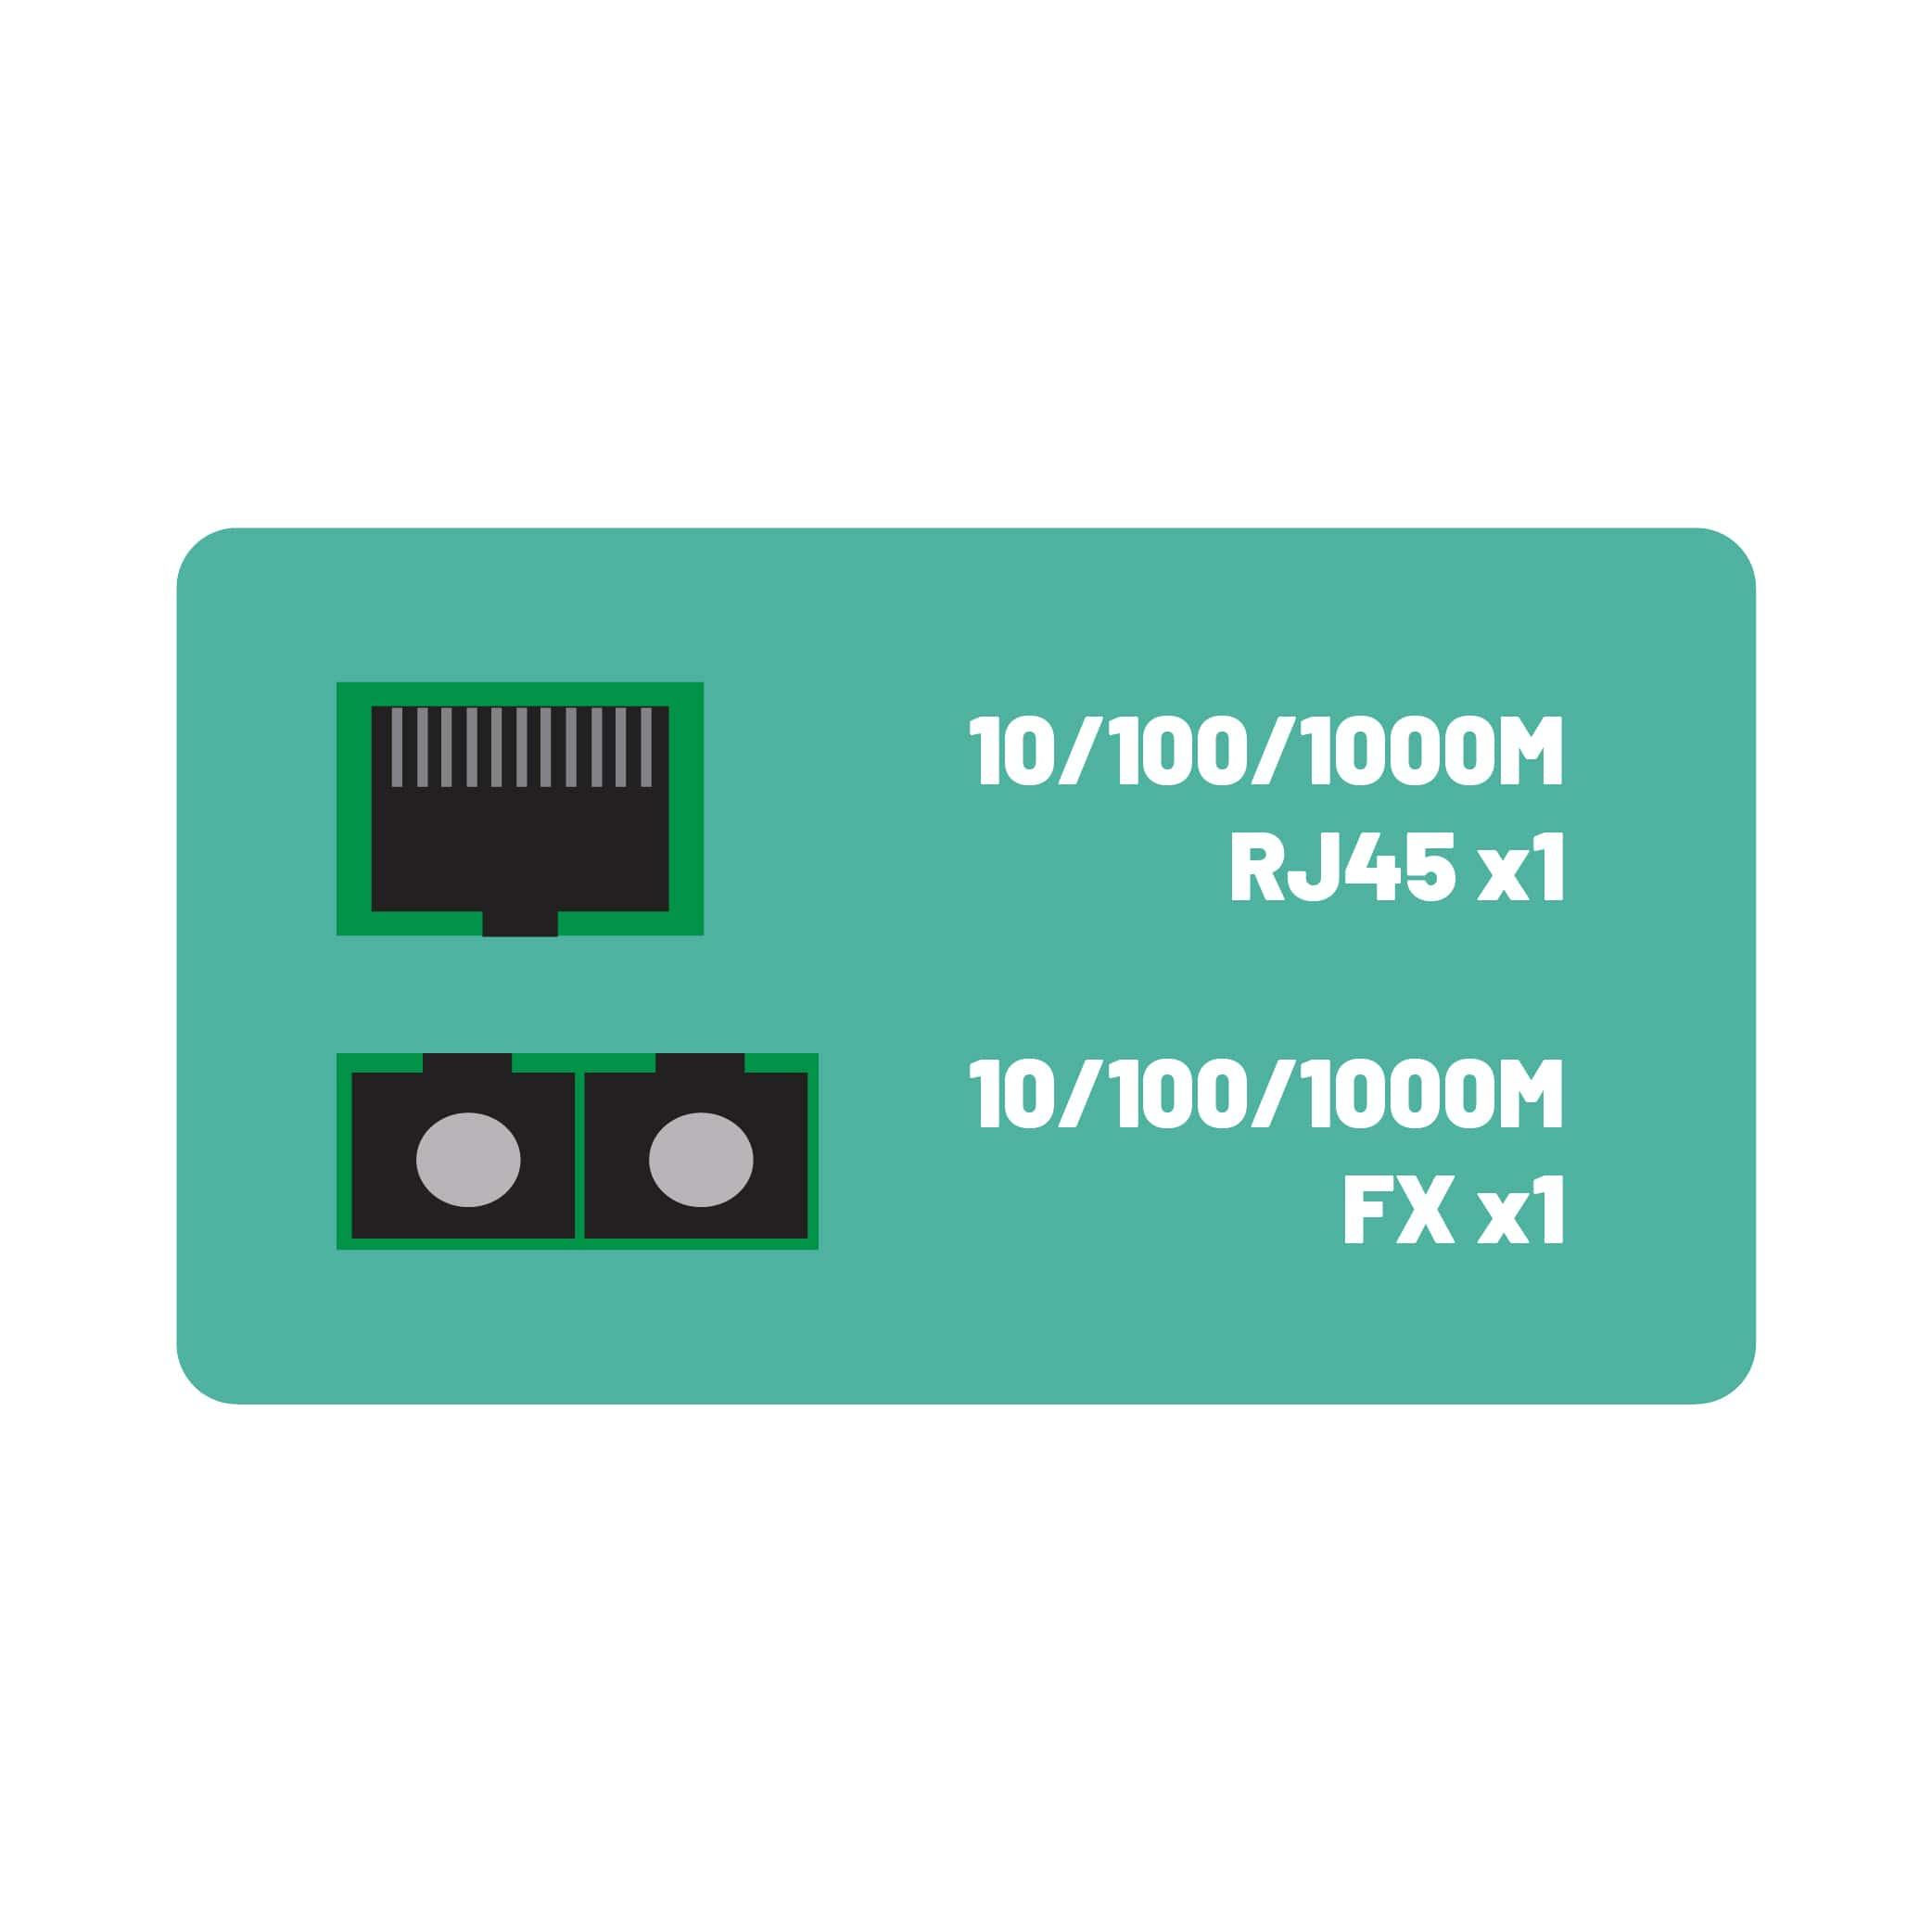 LM1000-D & LS1000-D